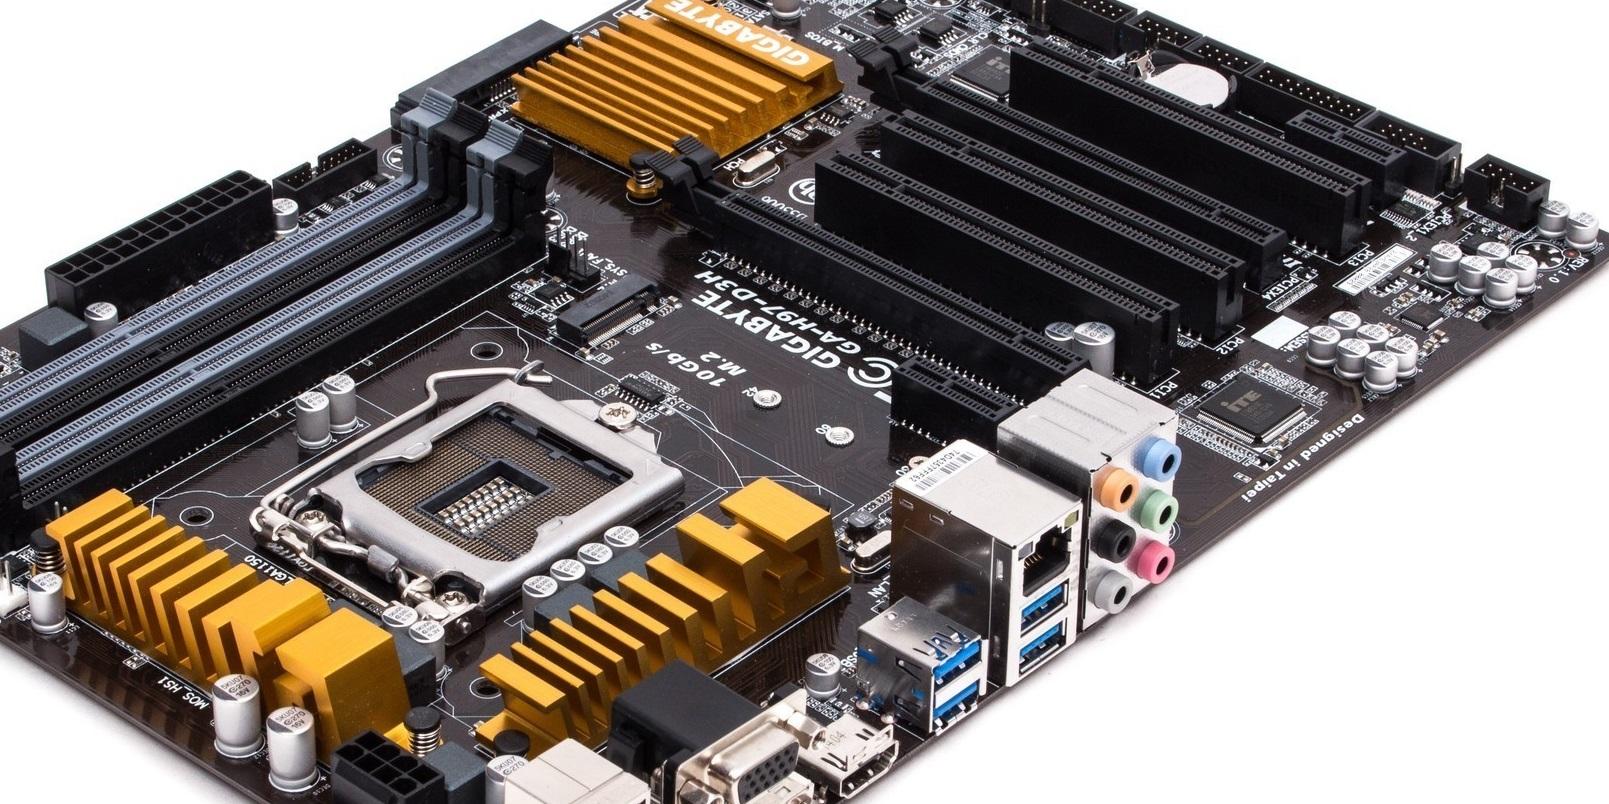 Płyty główne do procesorów z zablokowanym mnożnikiem